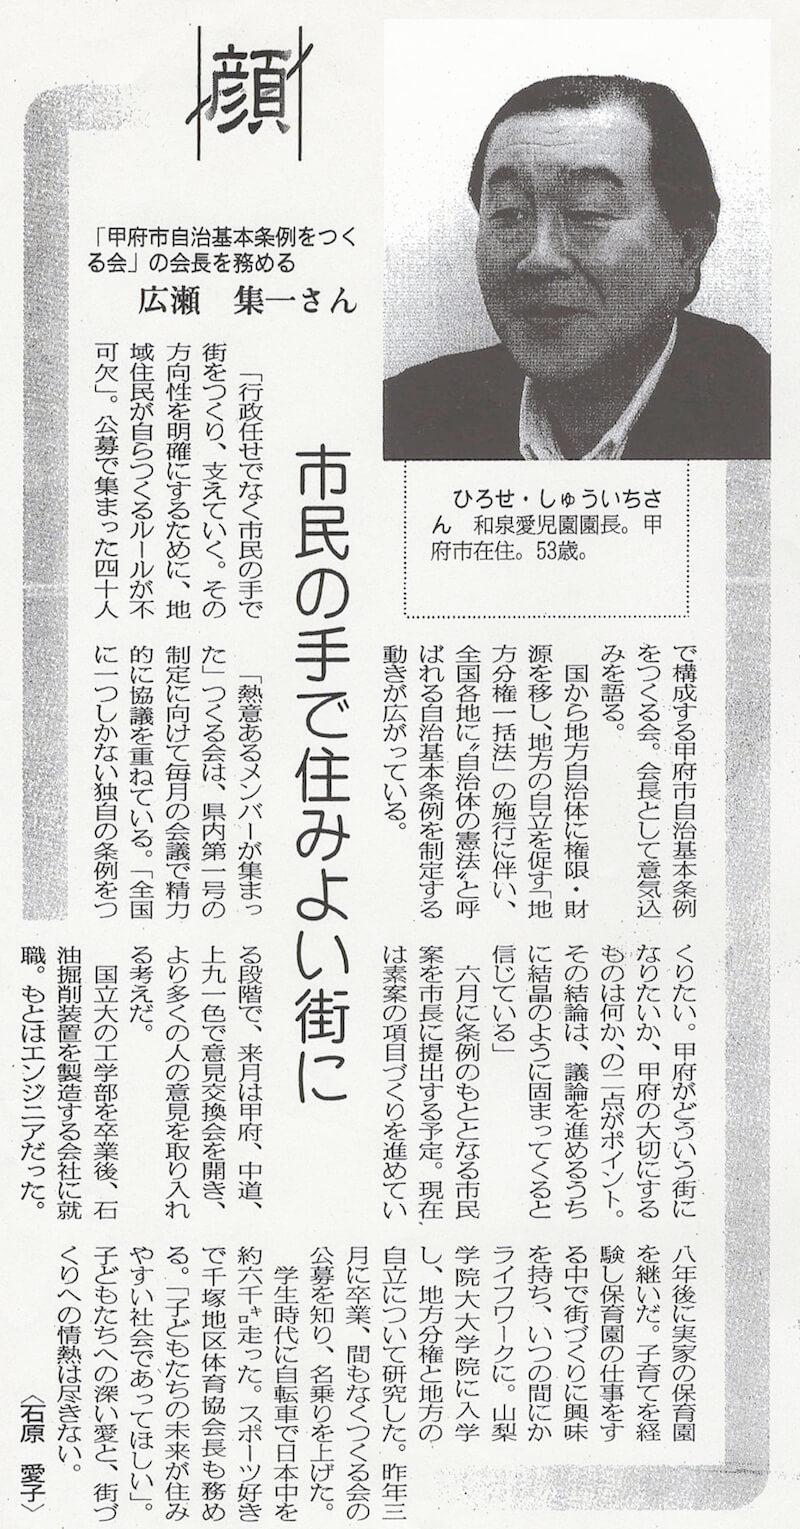 2005年 山梨日日新聞「顔」掲載-ひろせ集一